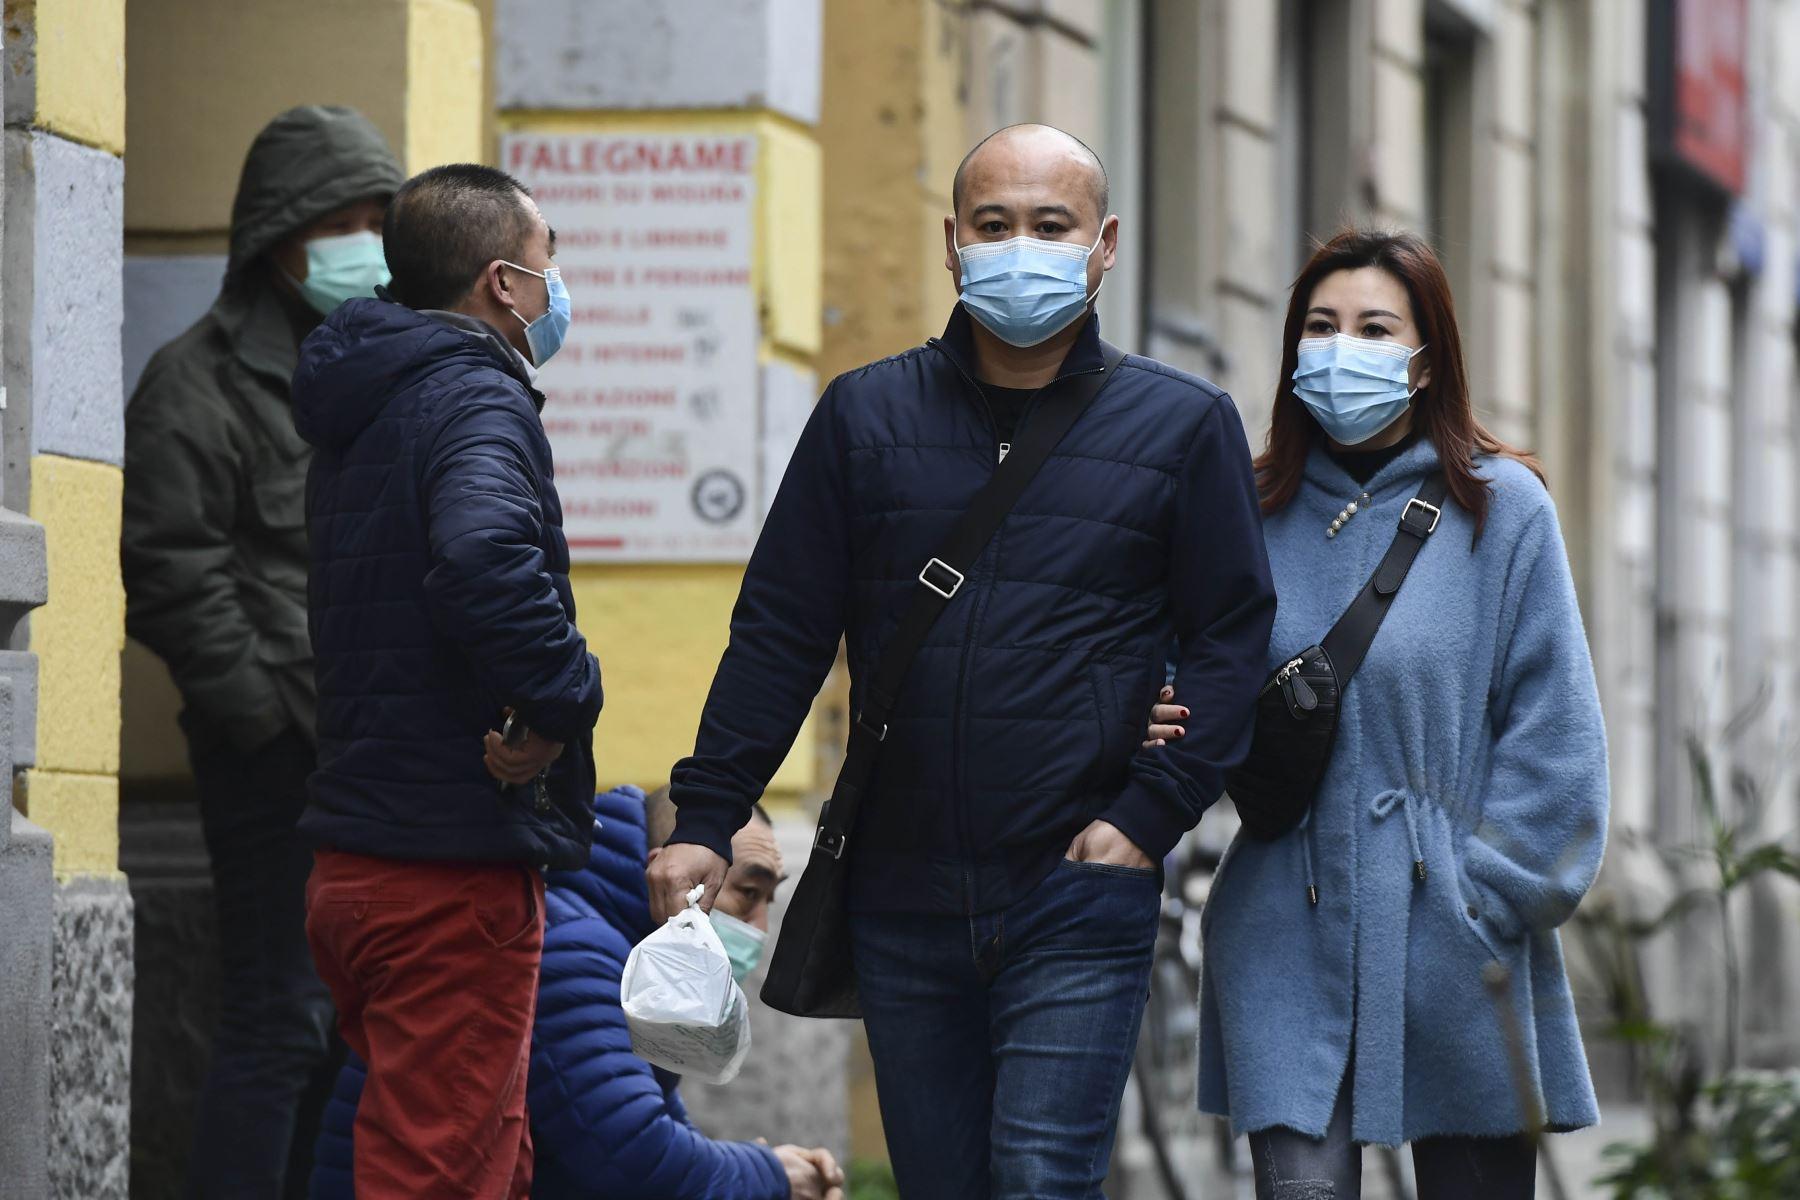 Preocupación en Europa por avance del coronavirus. Foto: AFP